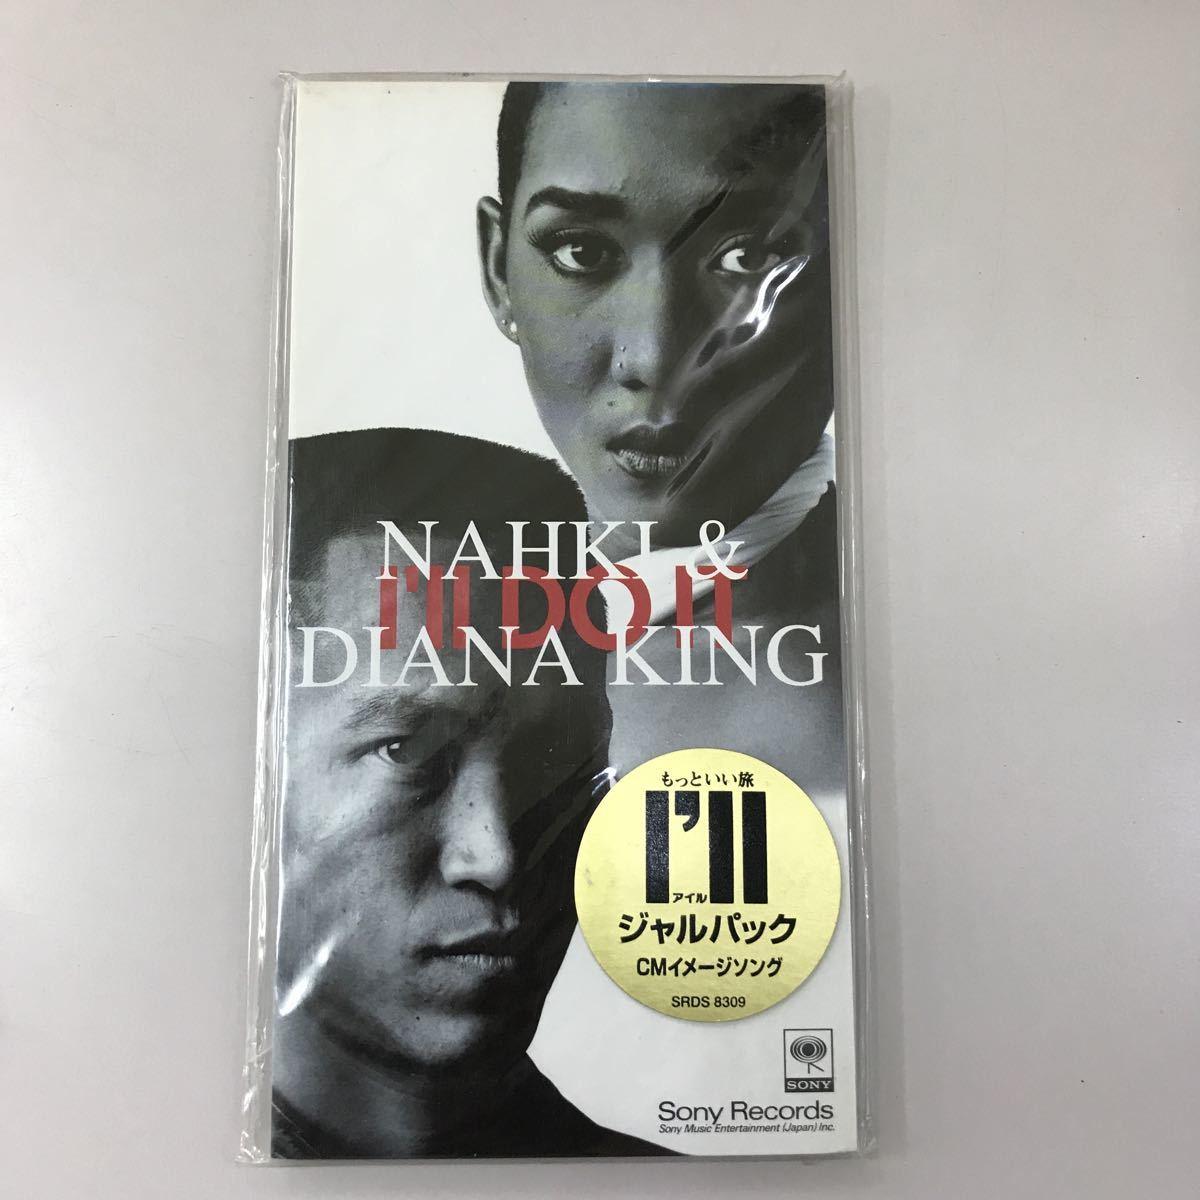 シングルCD 8センチ 未開封【洋楽】長期保存品 NAHKI &ダイアナキング I'II DO IT 愛のパトワ